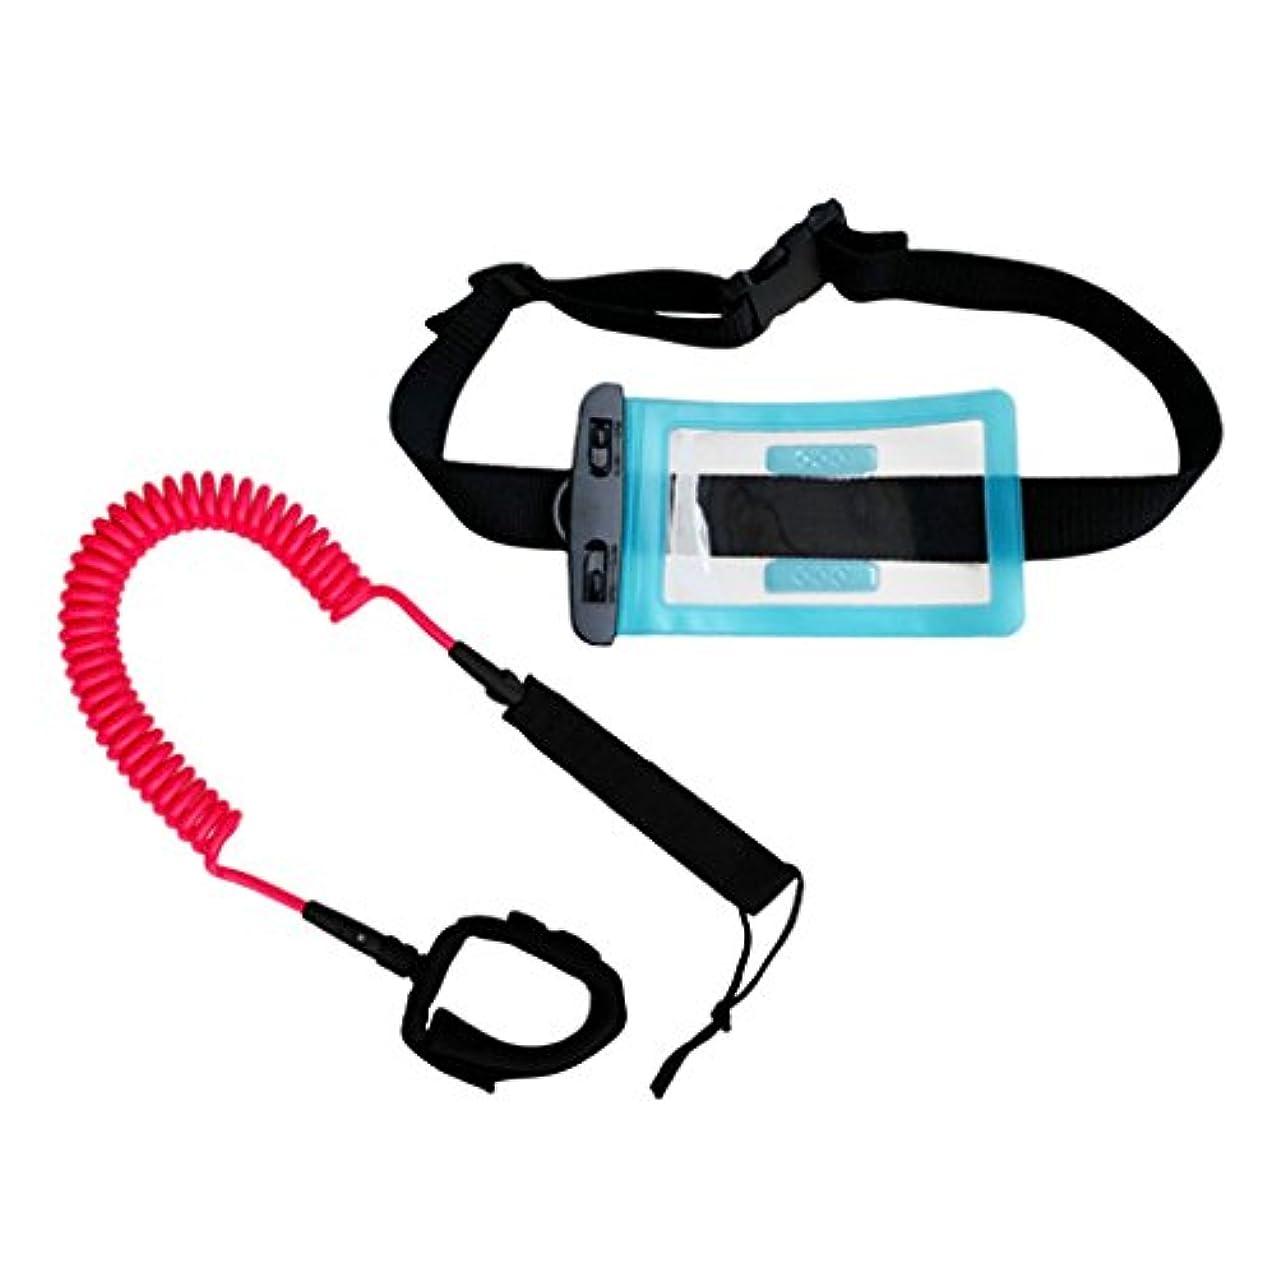 あなたのものミリメーター迷彩Fenteer サーフアンクルストラップ 防水 財布 ドライバッグ付き 10フィート コイル付き 裾引きロープ ロープ 耐久性 全11色